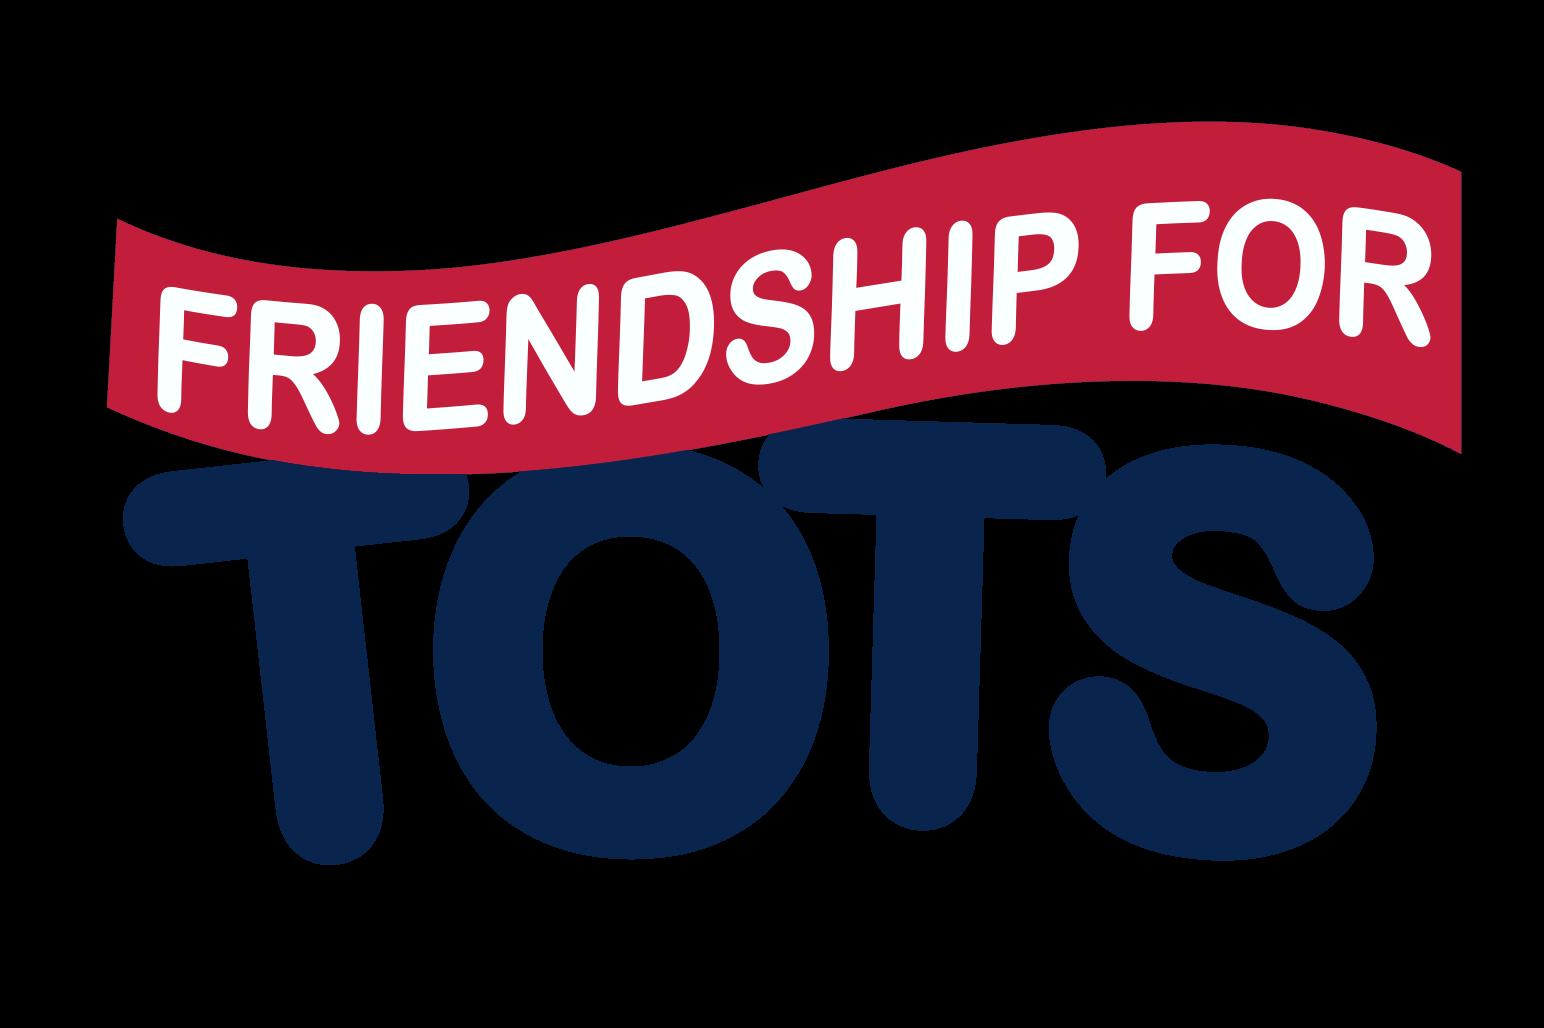 FTOTS BOYS PREK